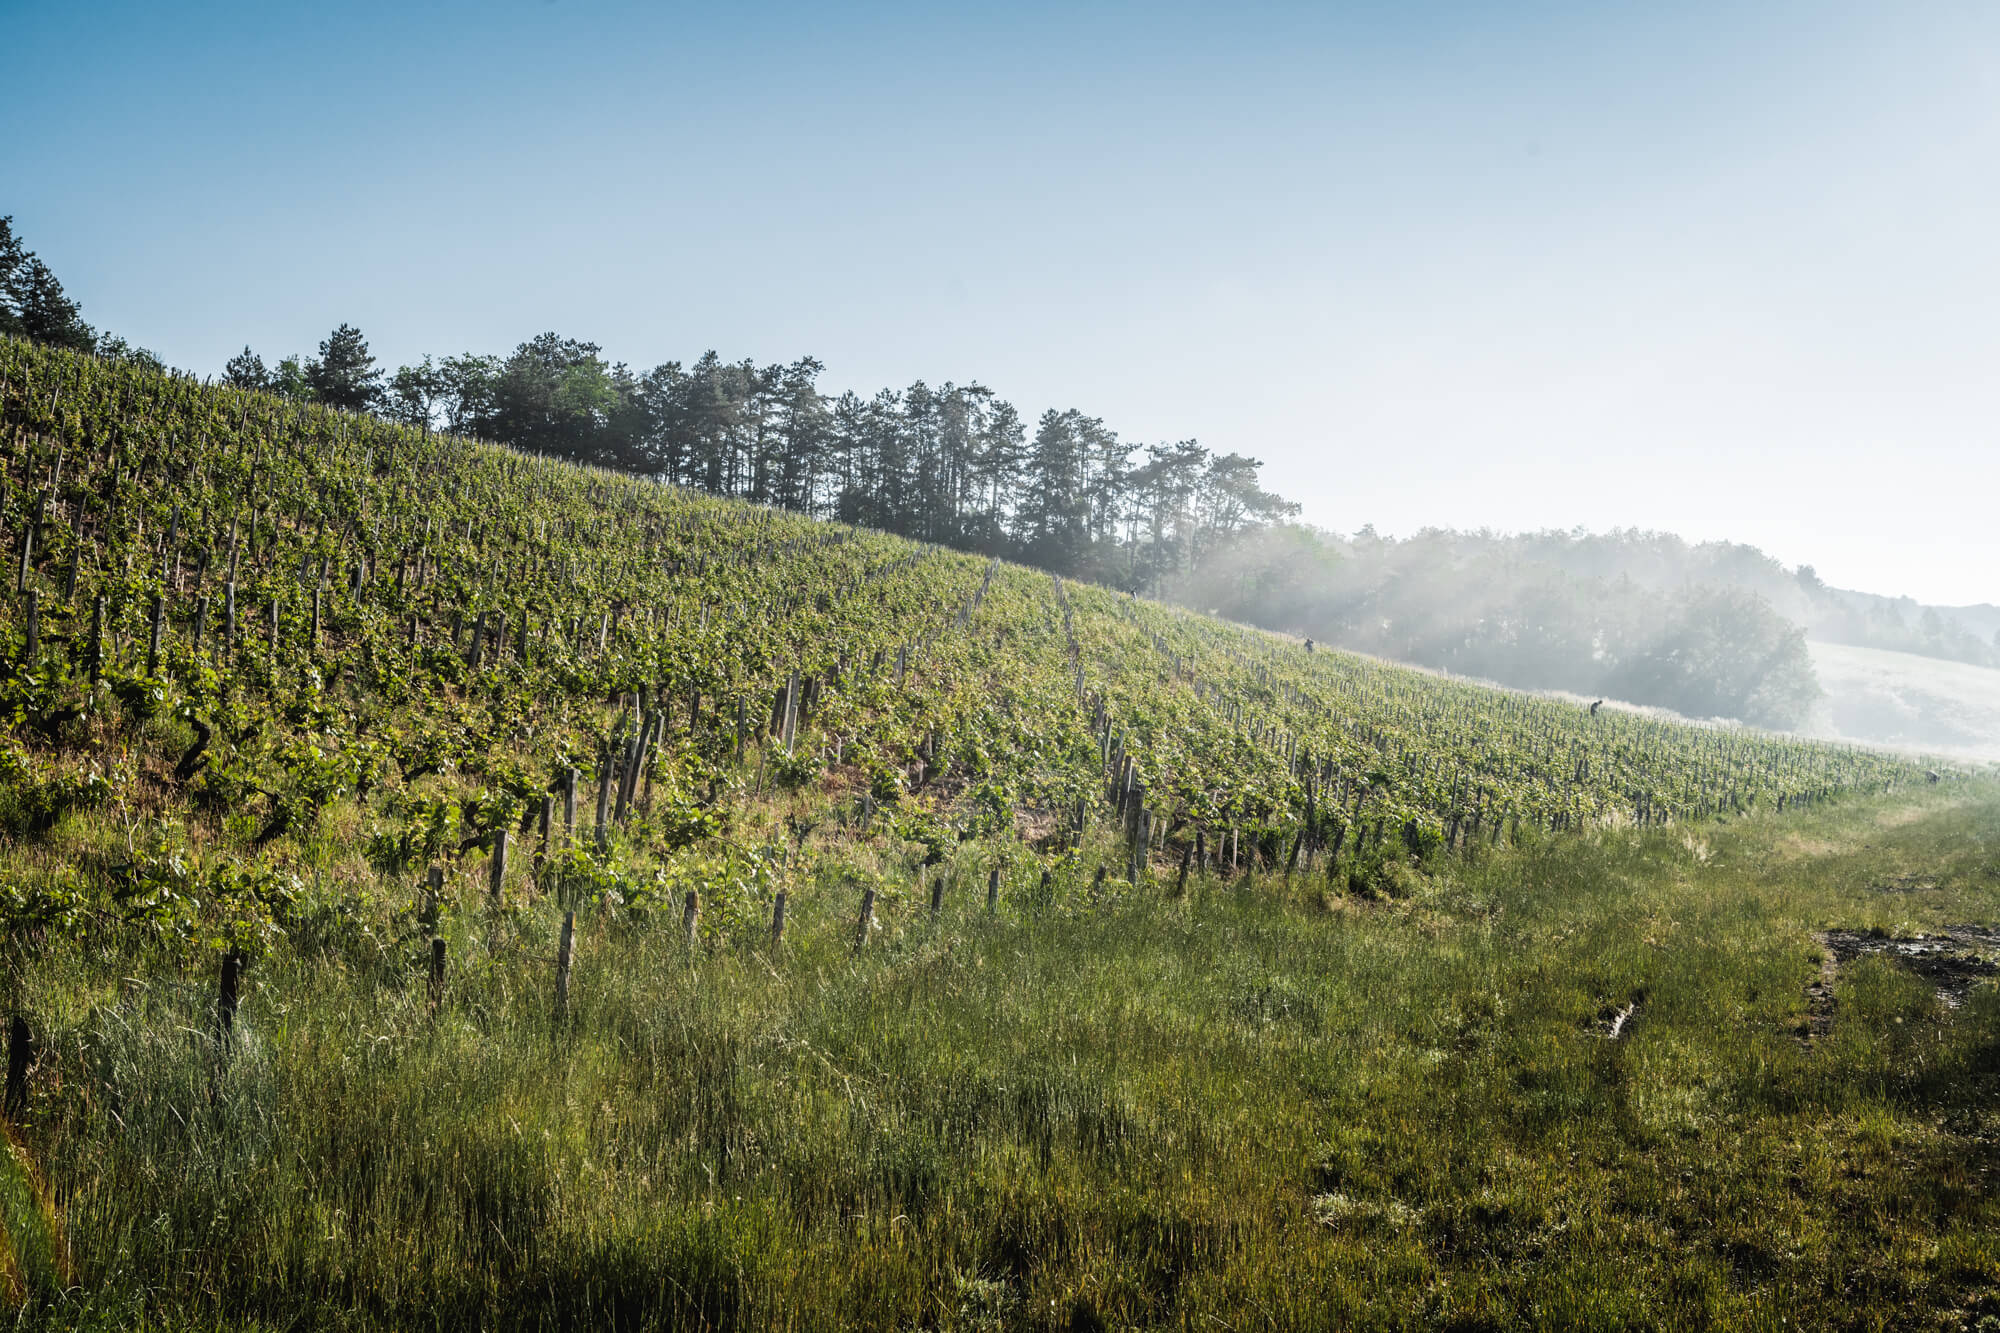 View of vineyard in Chablis